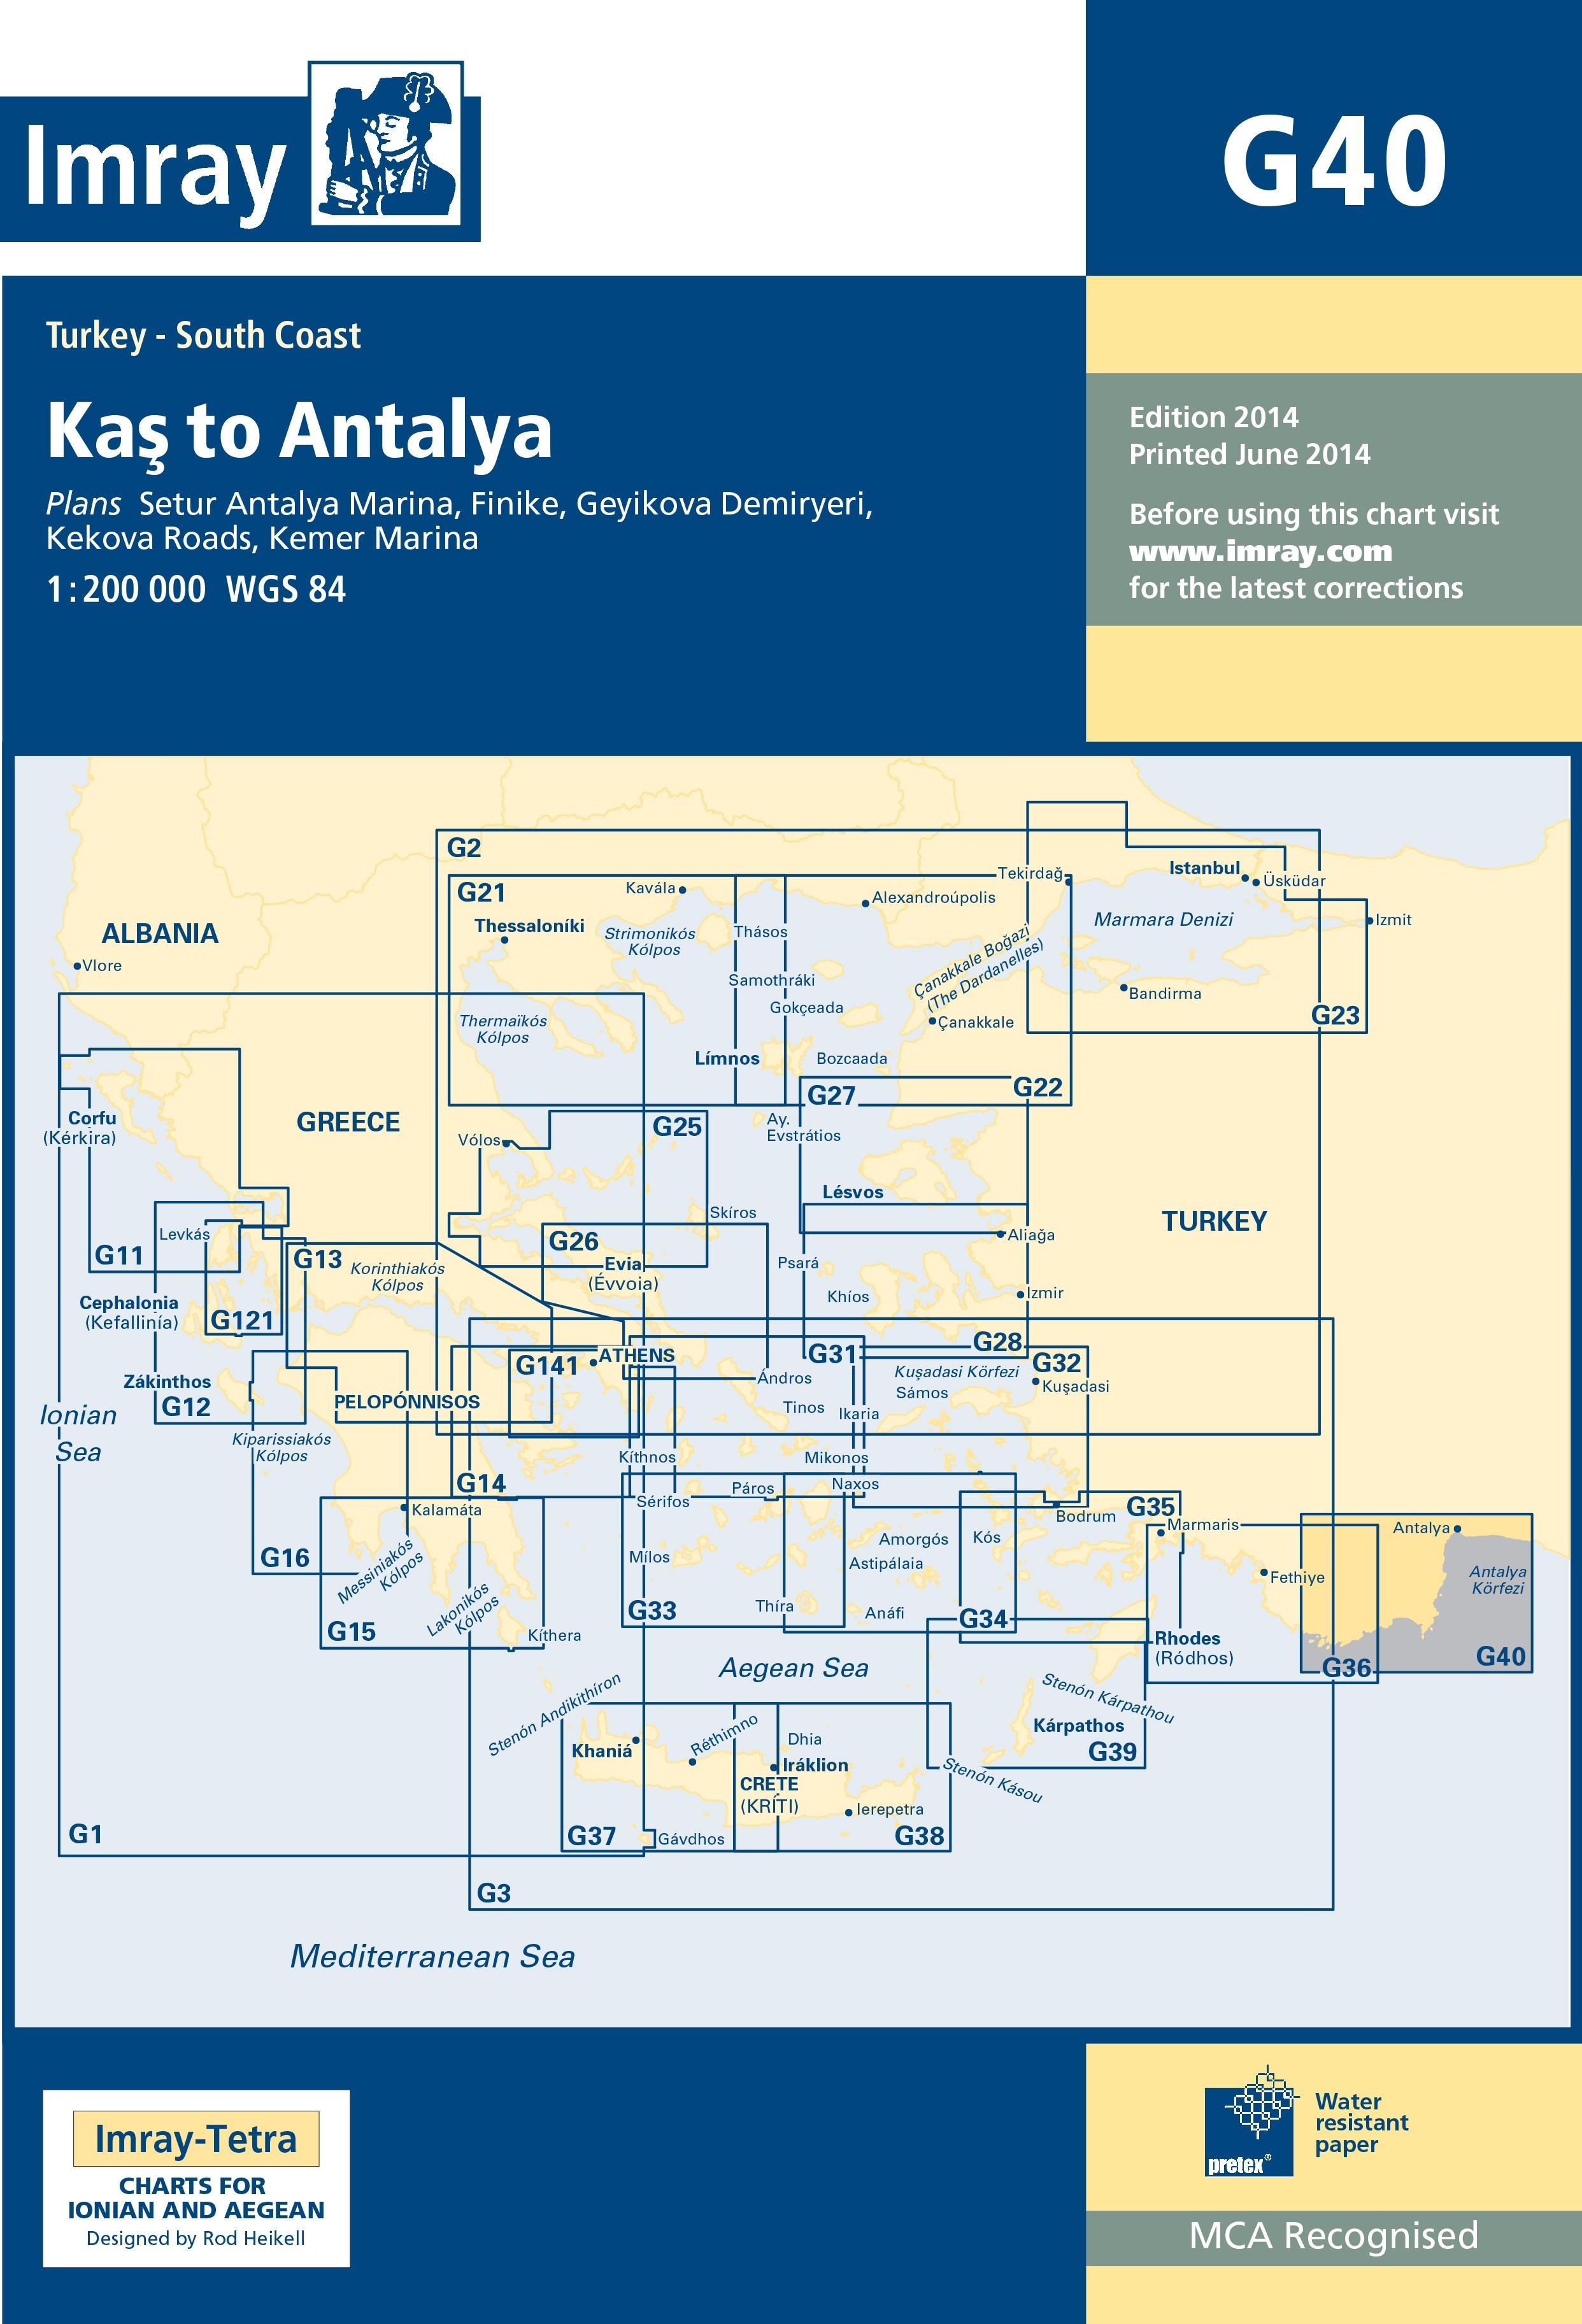 33.53 - Ναυτικός Χάρτης IMRAY ICG40-1 Κας έως Αττάλεια (Τουρκία)